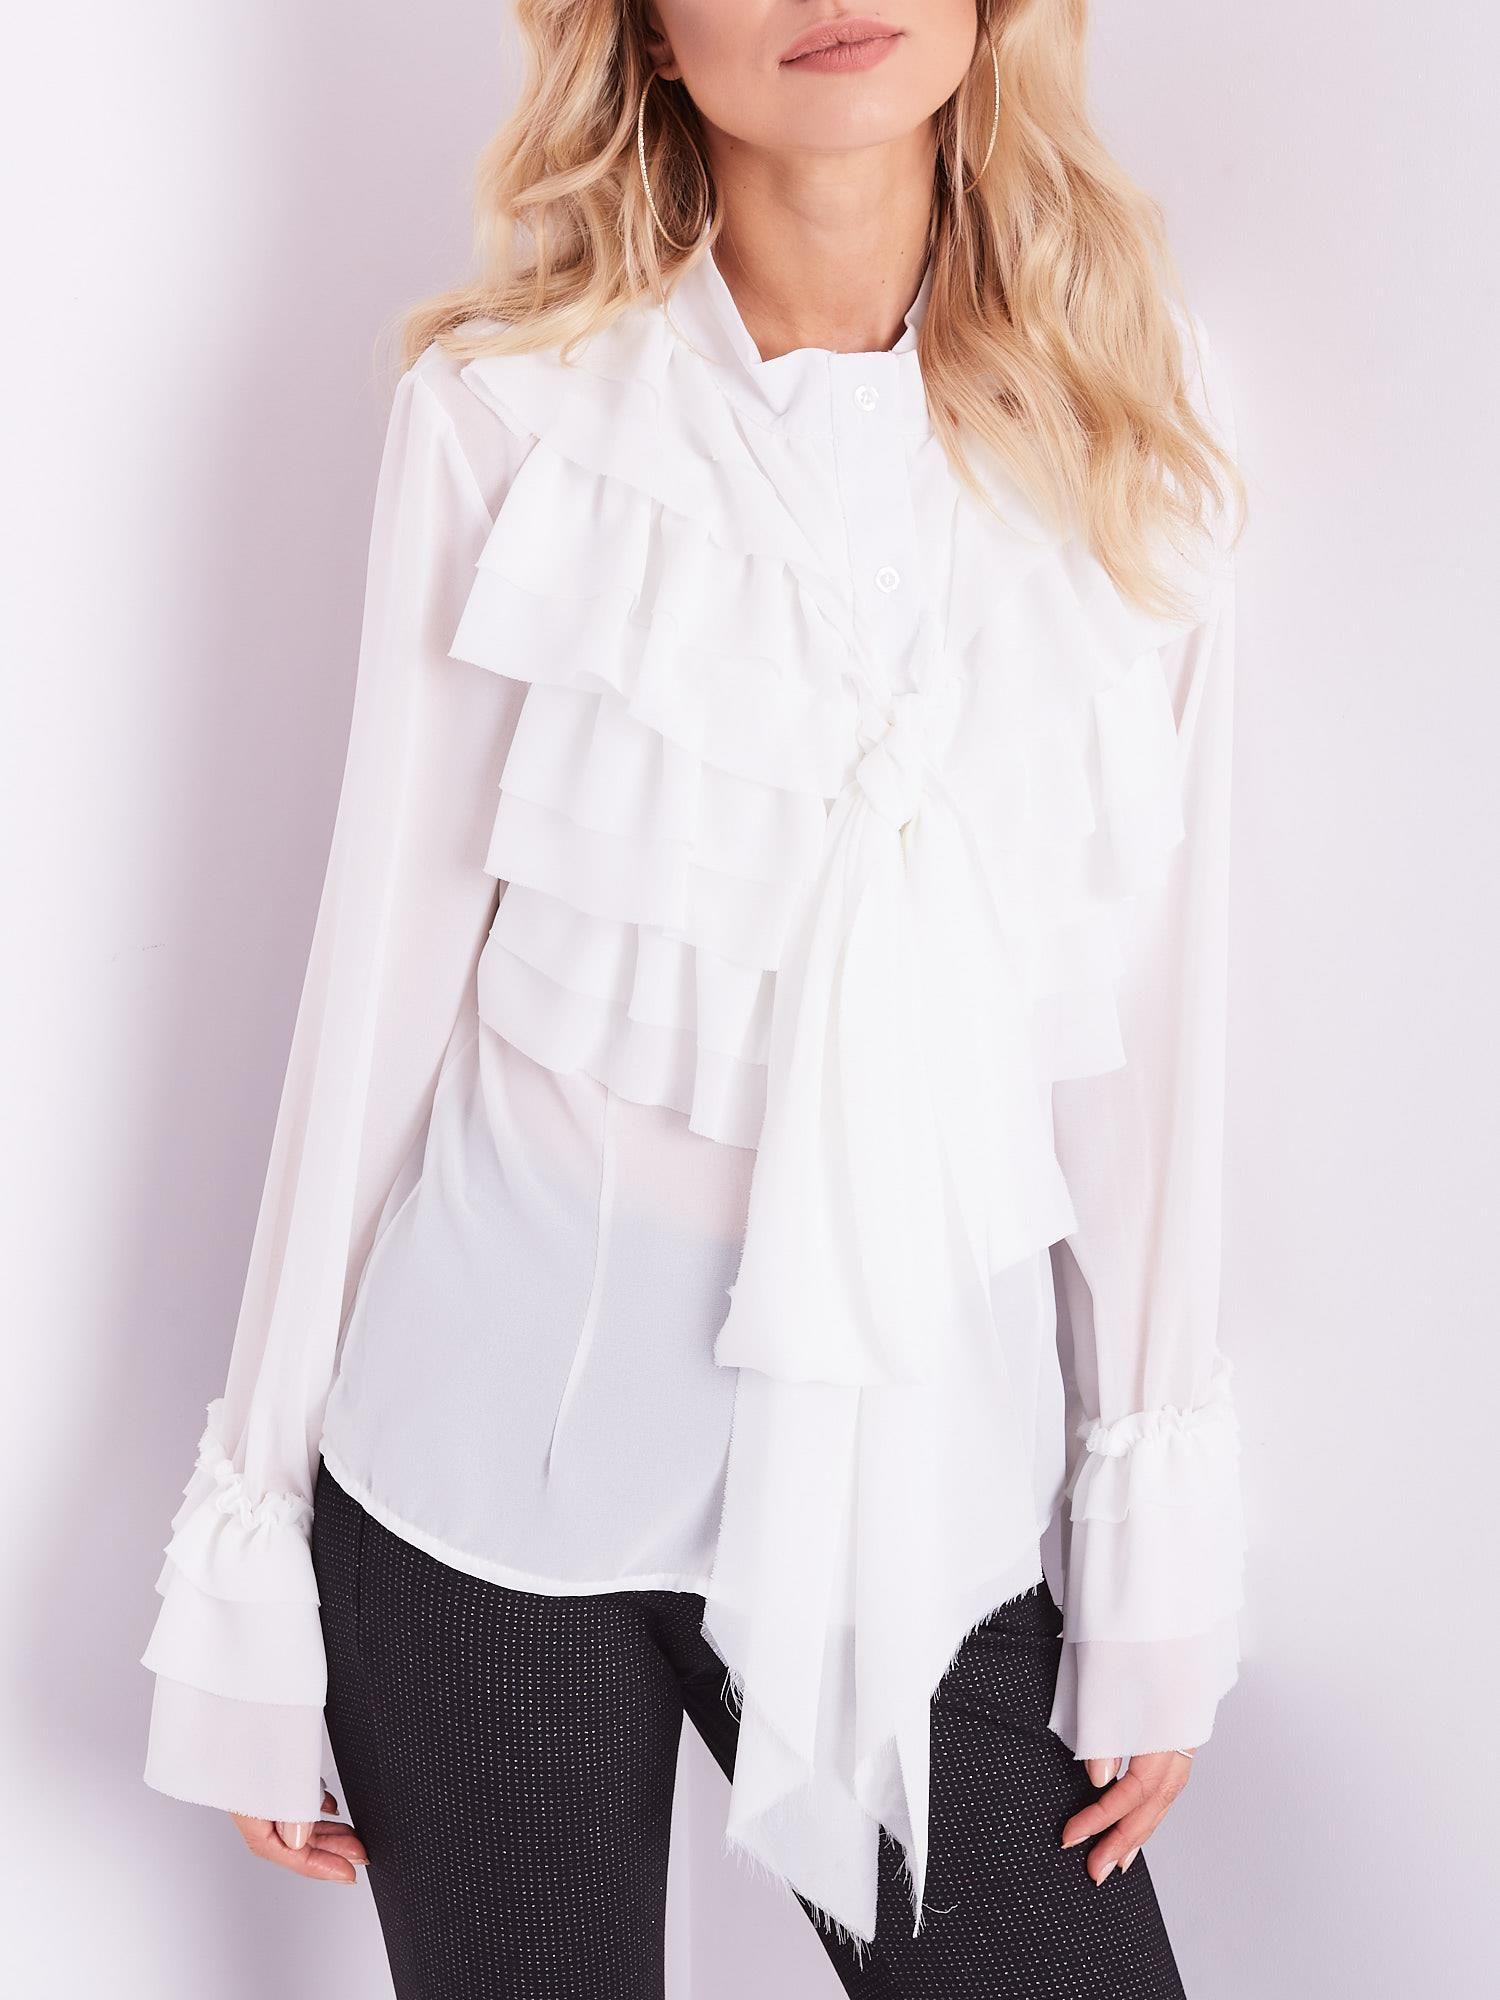 c09b2afbdf Biała koszula z falbankami i wiązaniem - Koszula one size - sklep ...